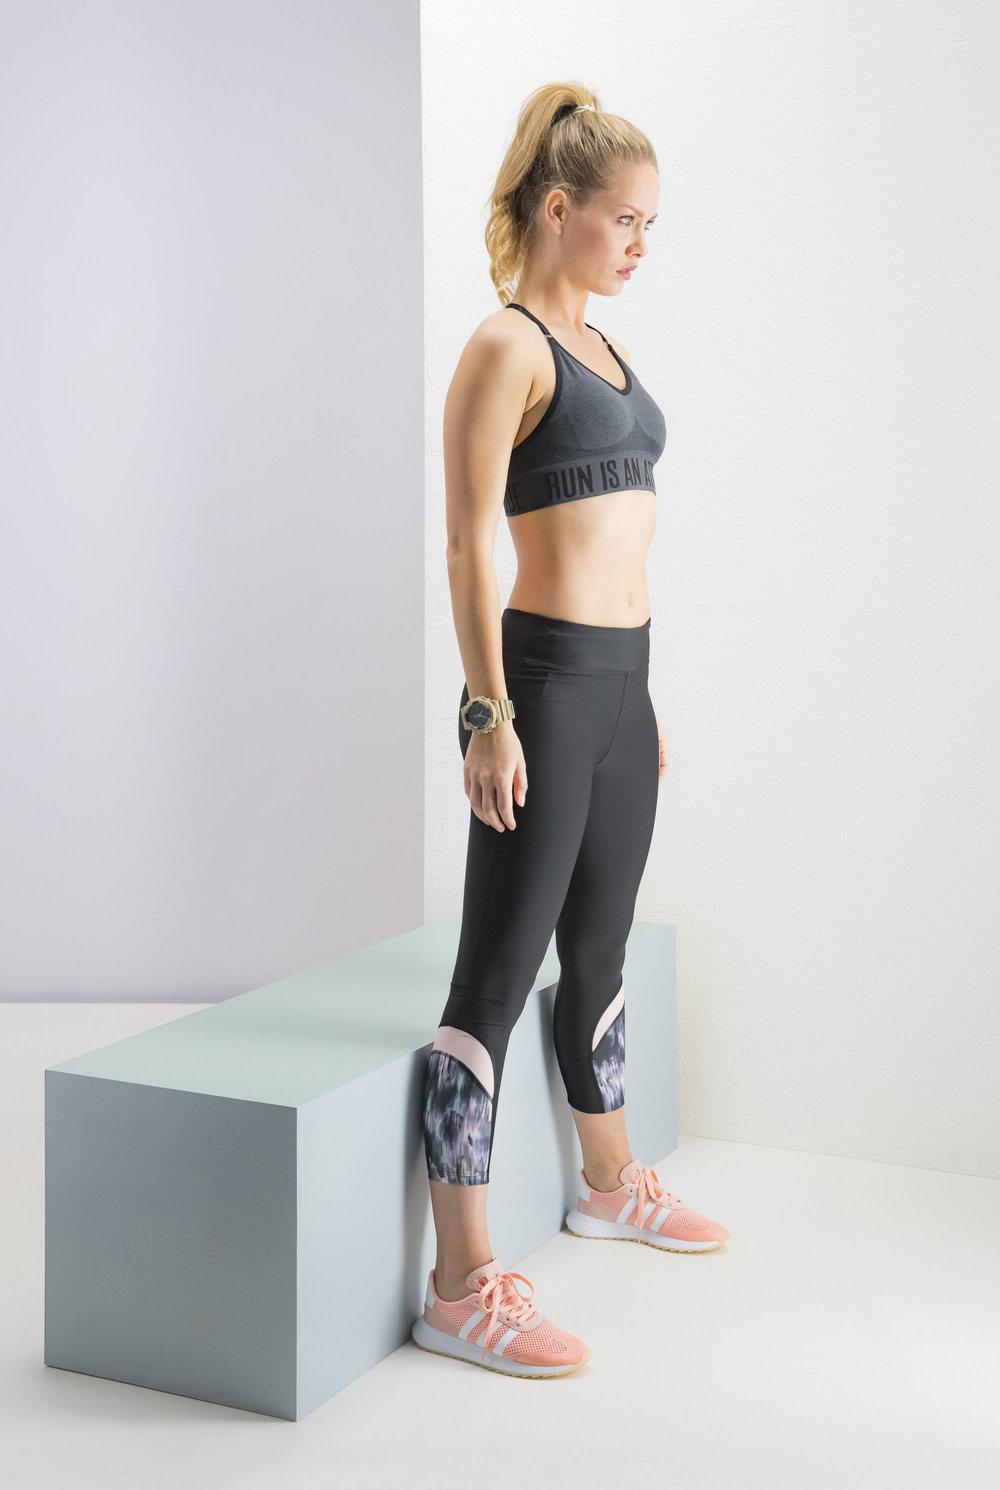 Marianne-sportwear-wall-block-set-2.jpg